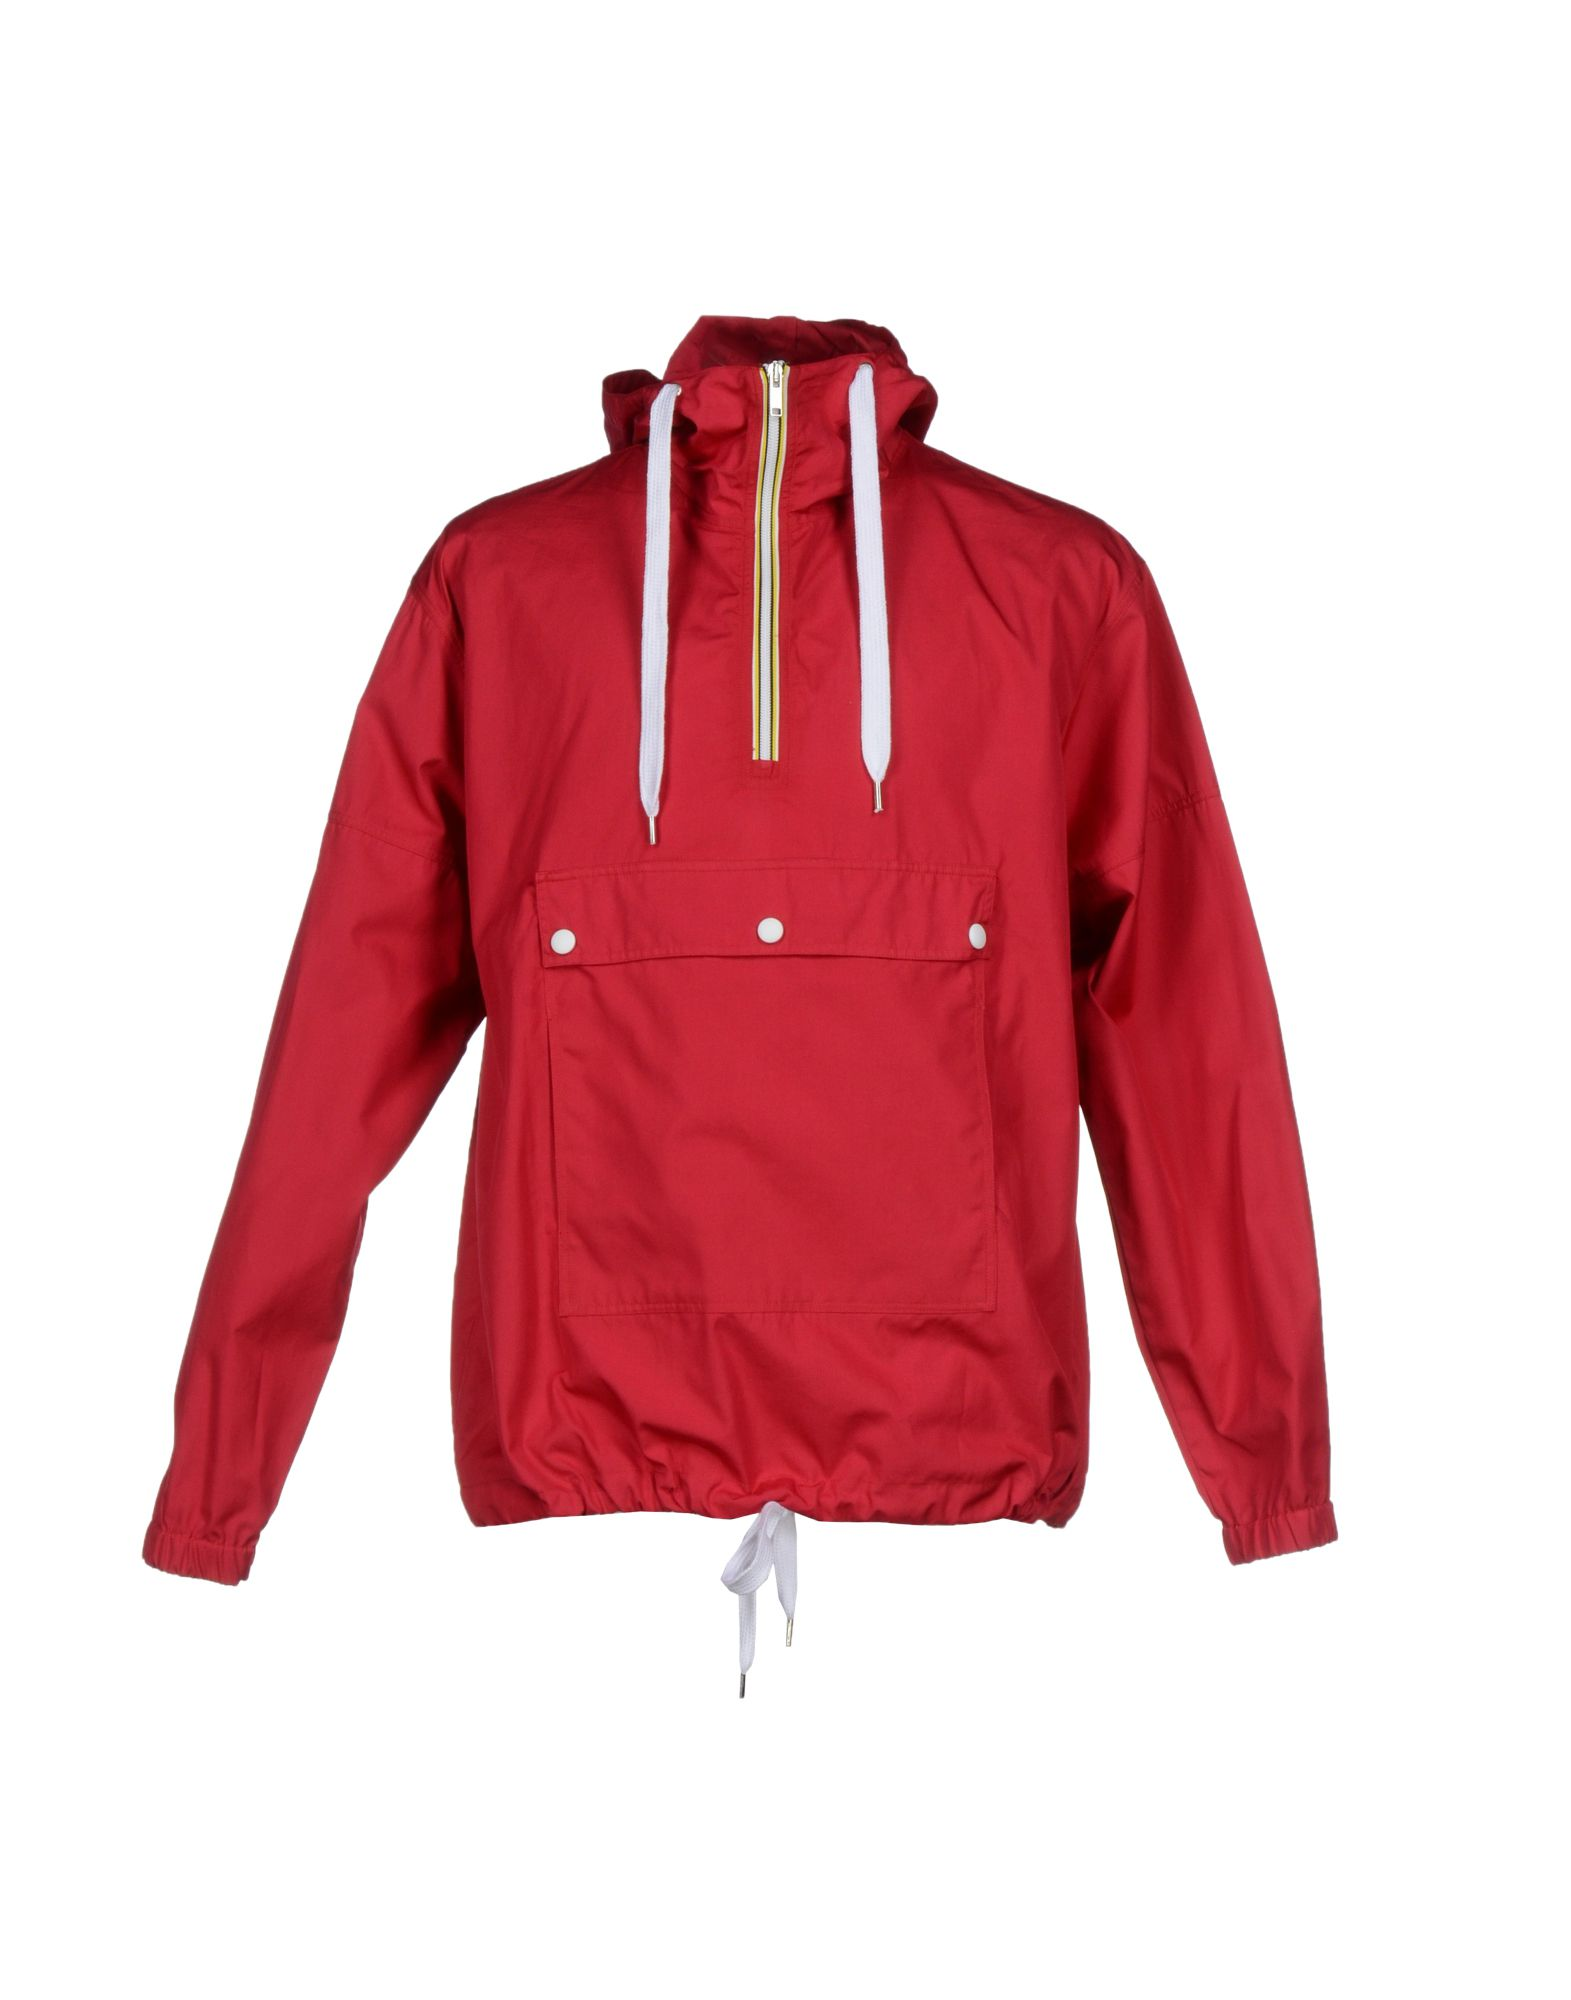 KRIS VAN ASSCHE Jacket in Red